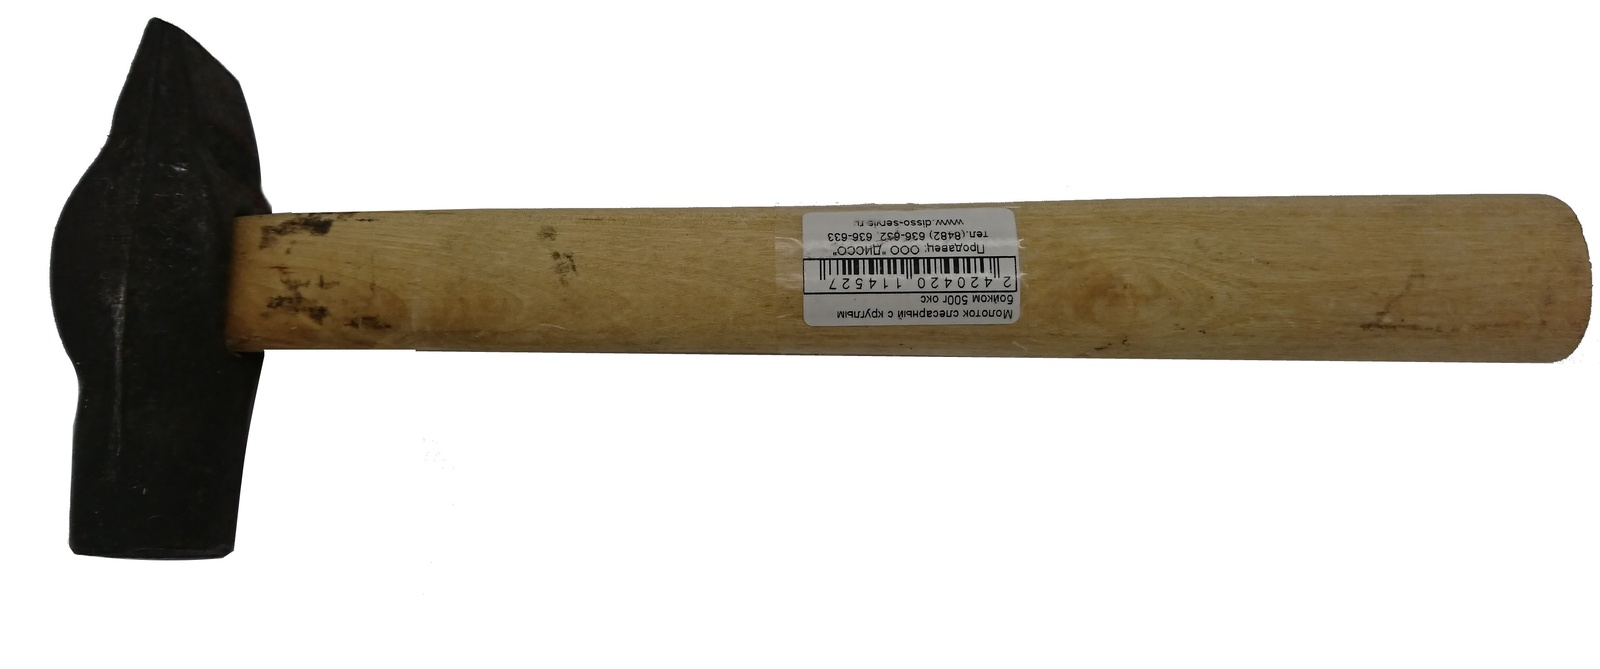 Молоток слесарный с круглым бойком 500г окс кирка молоток matrix 500г для печника и каменщика 21824